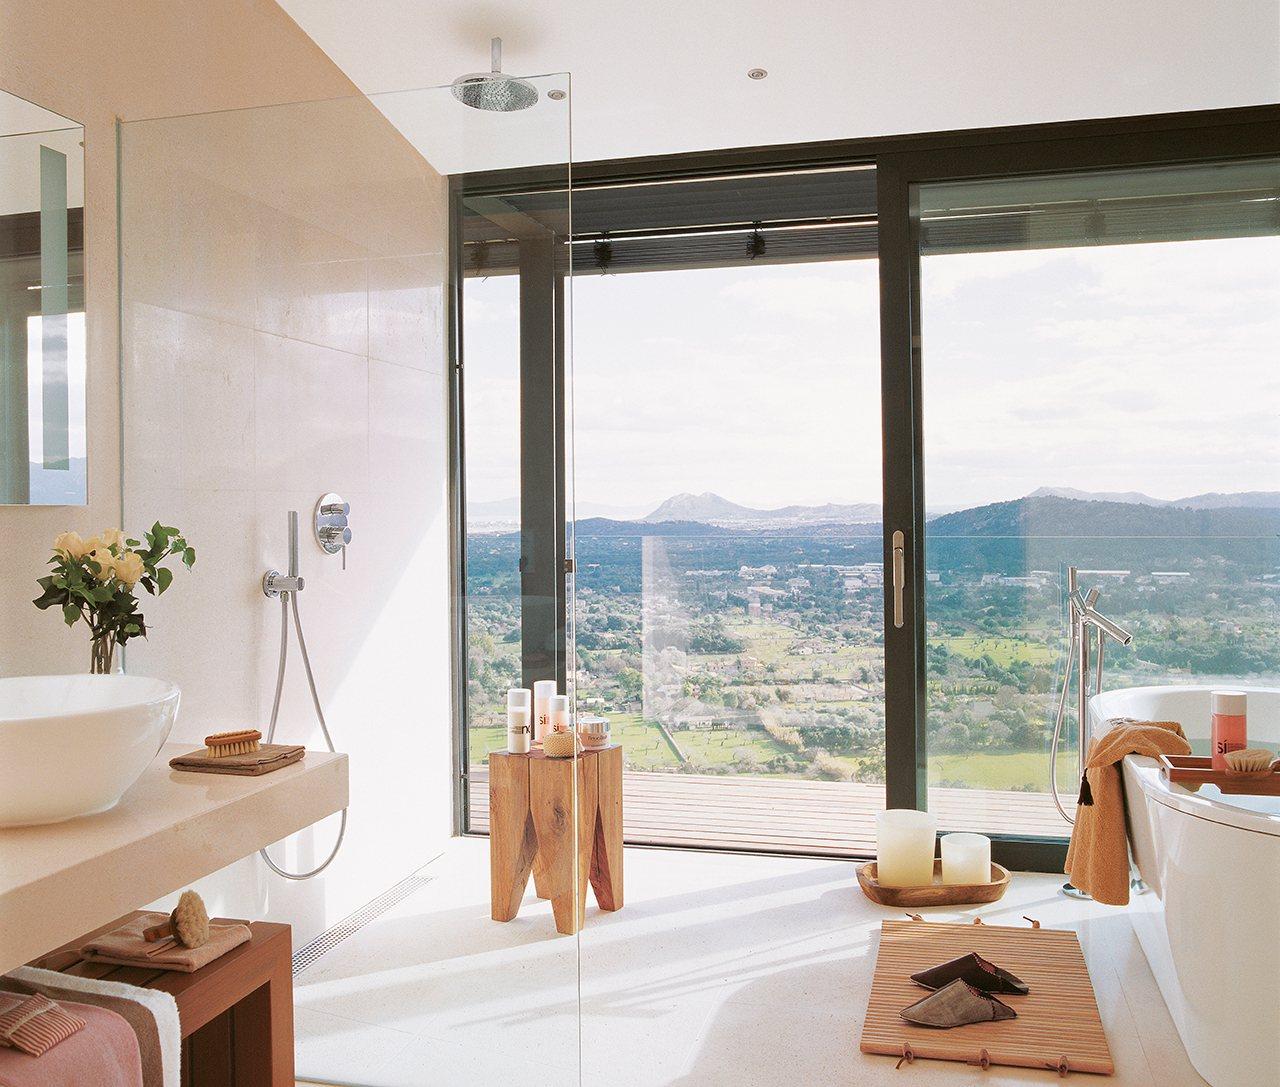 Ремонт ванної кімнати: фото + поради з оформлення